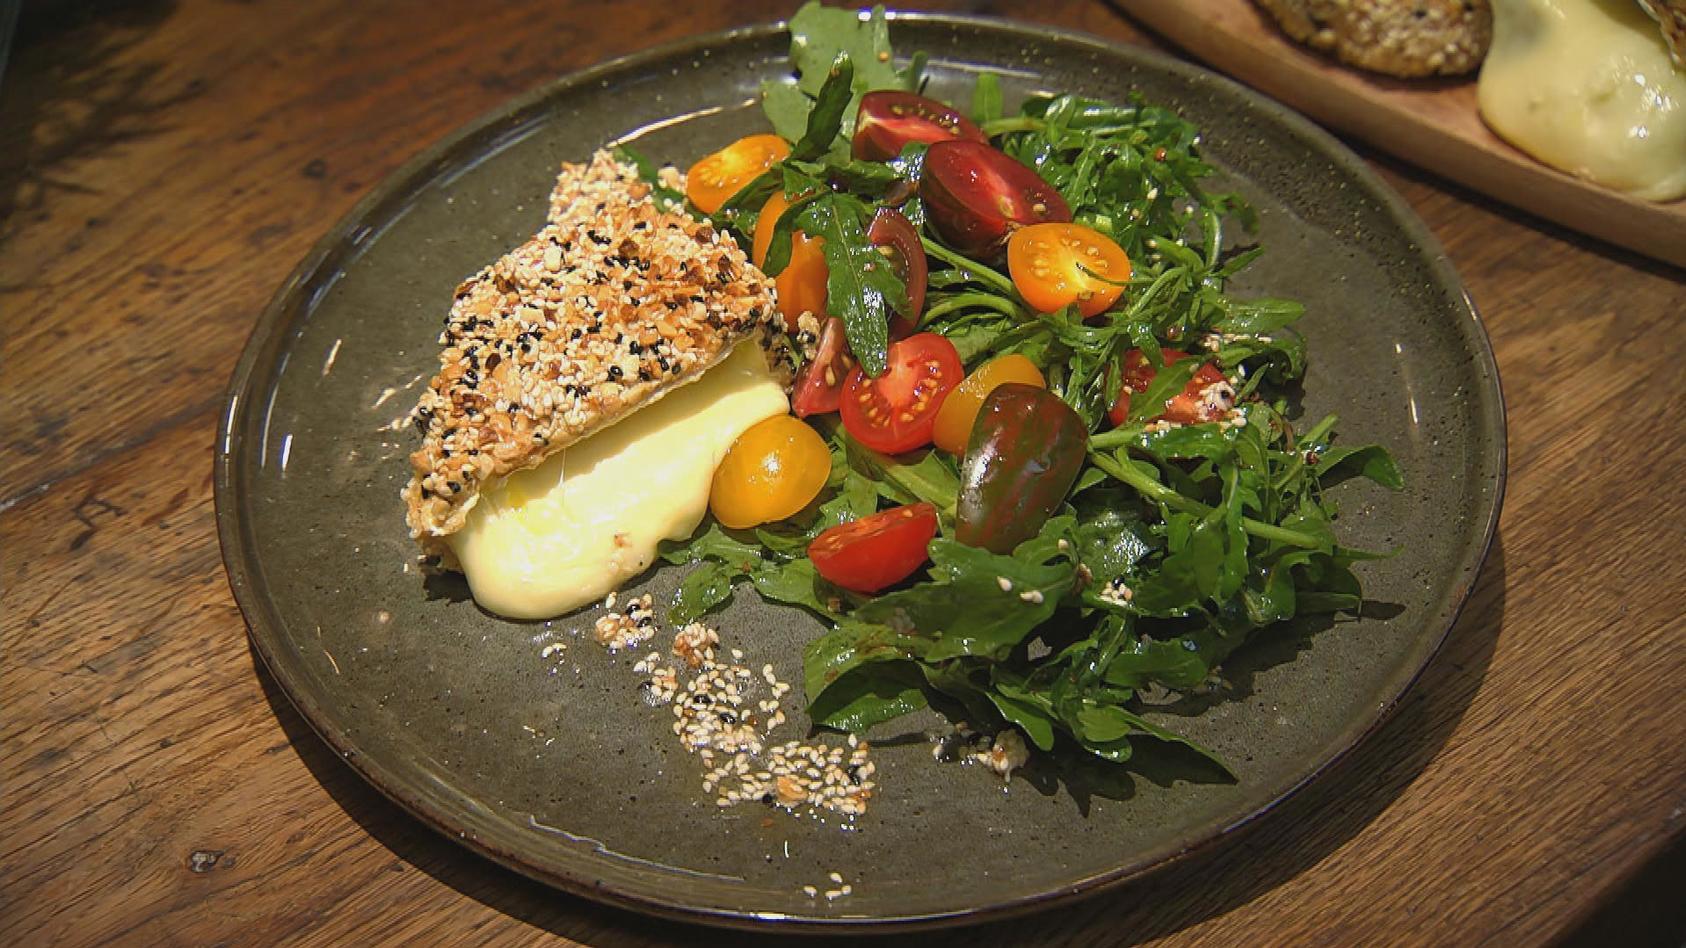 Es wird knusprig – Gerichte mit Nuss- und Mandelkern: Knusper-Camembert und Tomaten-Rauke-Salat